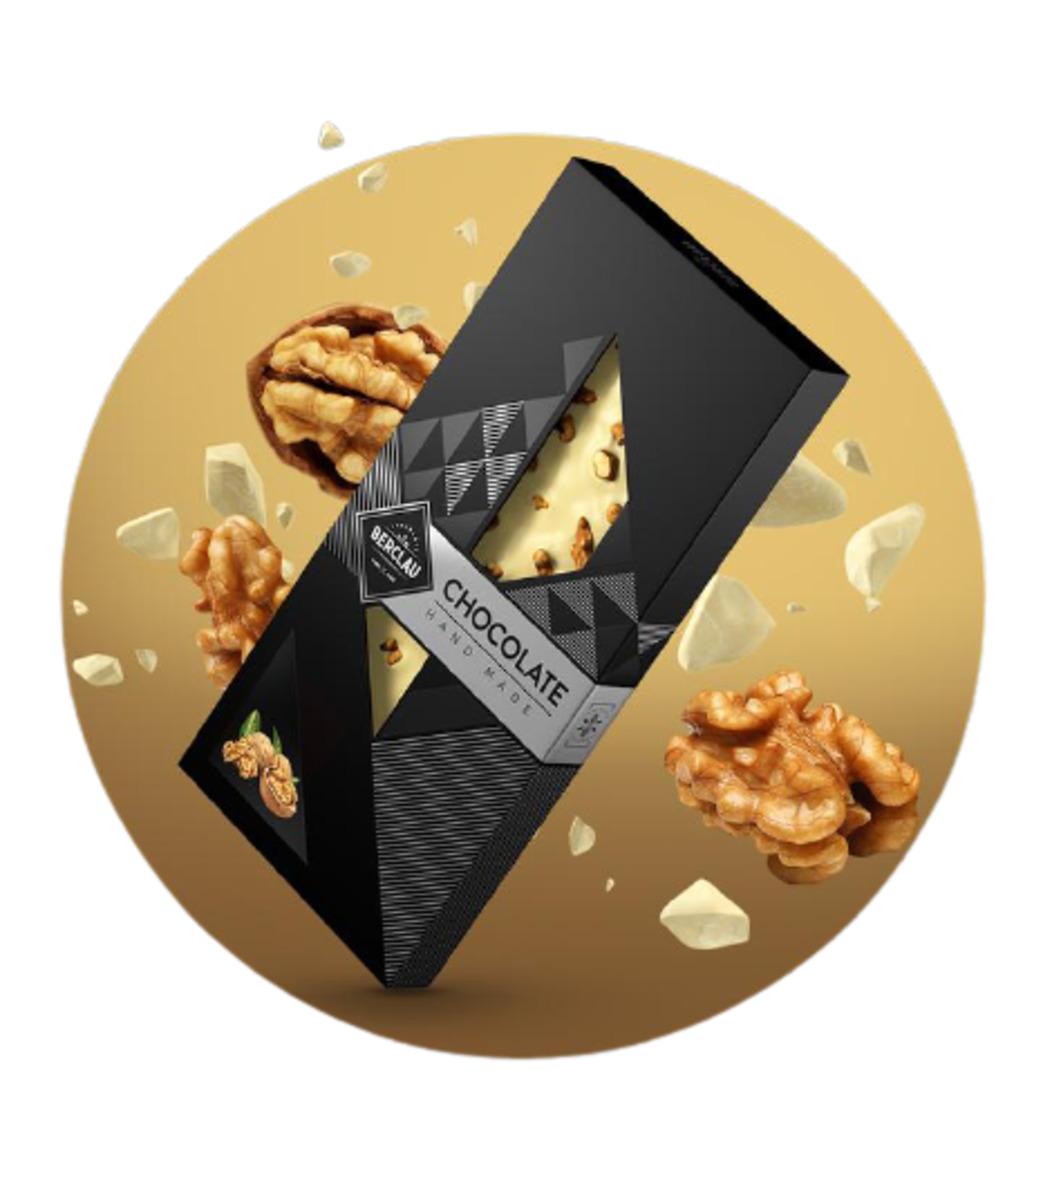 Chocolate Blanco con Nueces Berclau